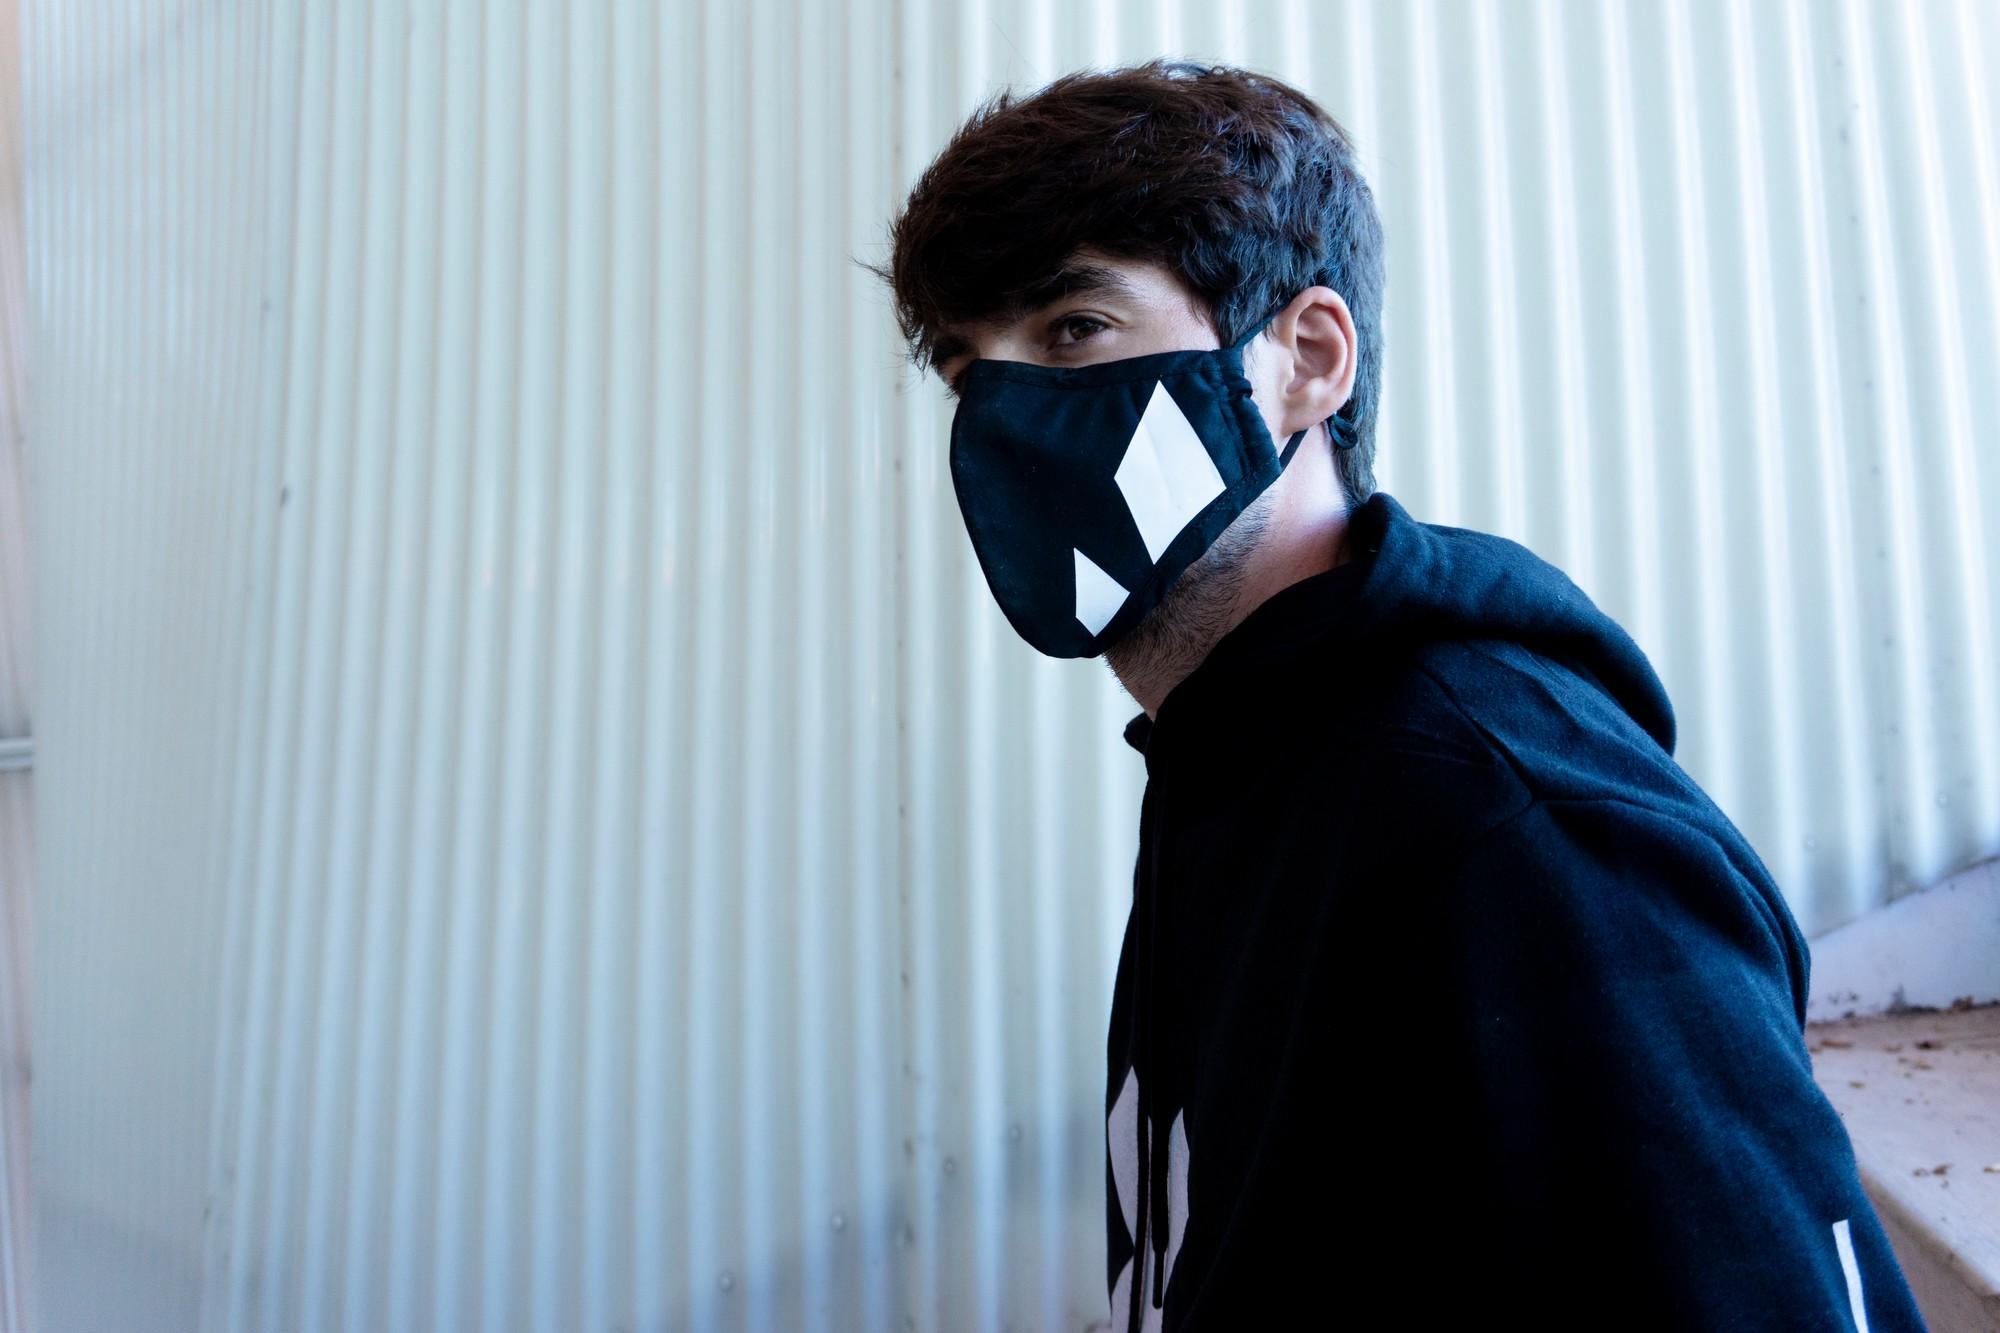 Mask image 0